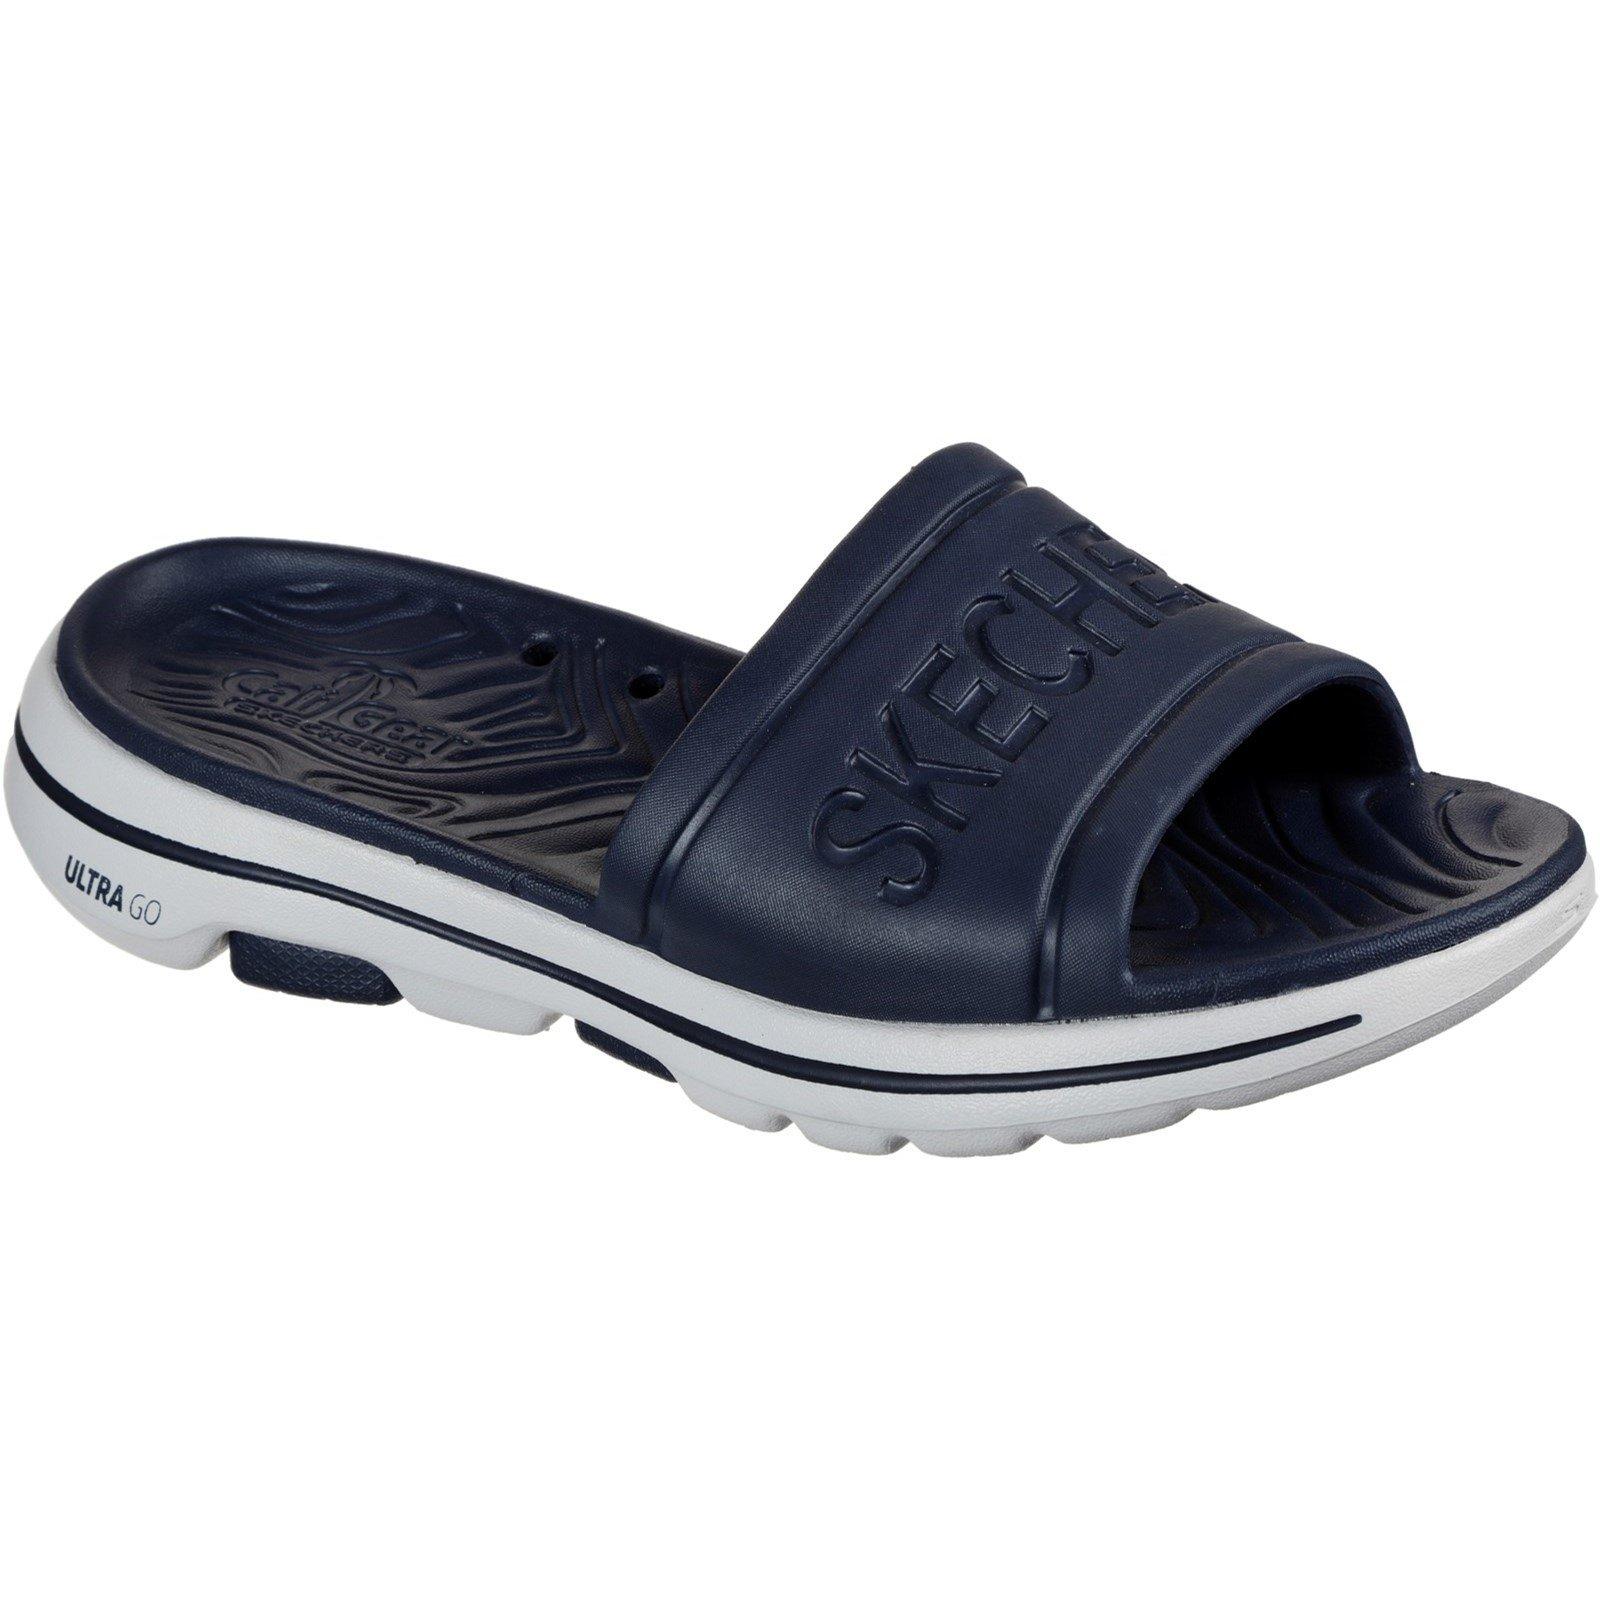 Skechers Men's Go Walk 5 Surfs Out Summer Sandal Various Colours 32207 - Navy 6